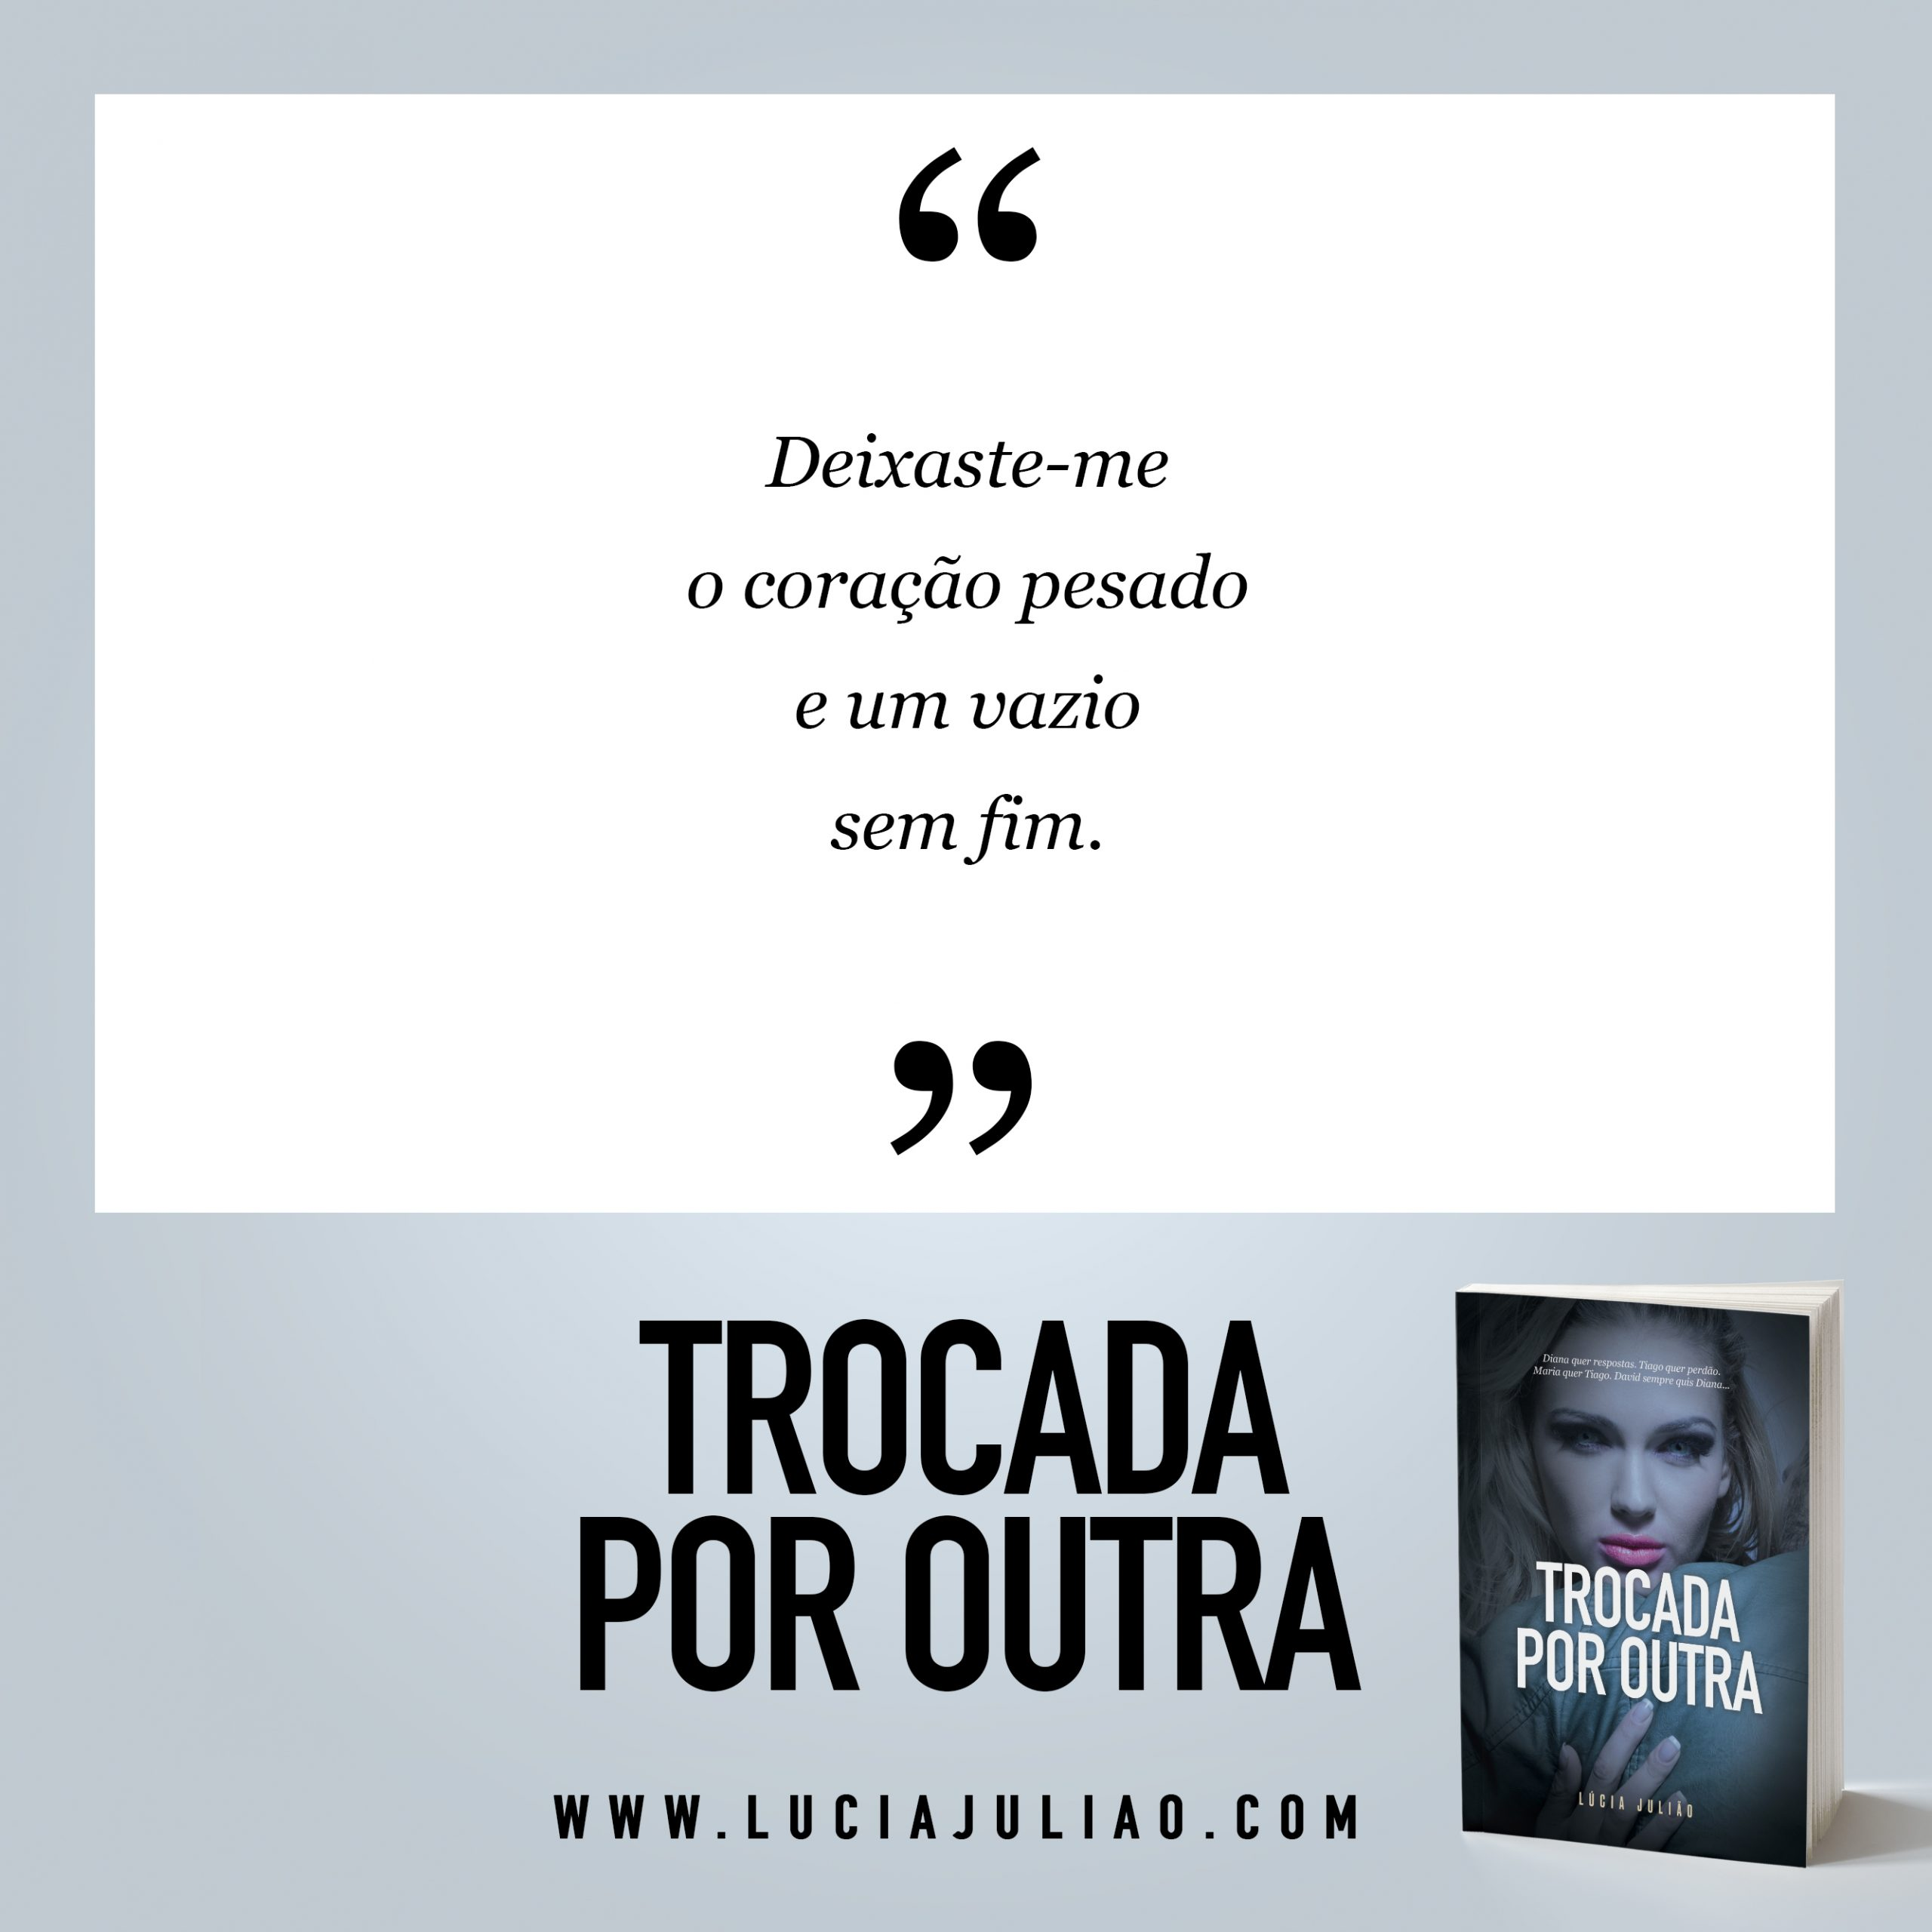 051bQ - capitulo 17 Trocada por outra - Lúcia Julião